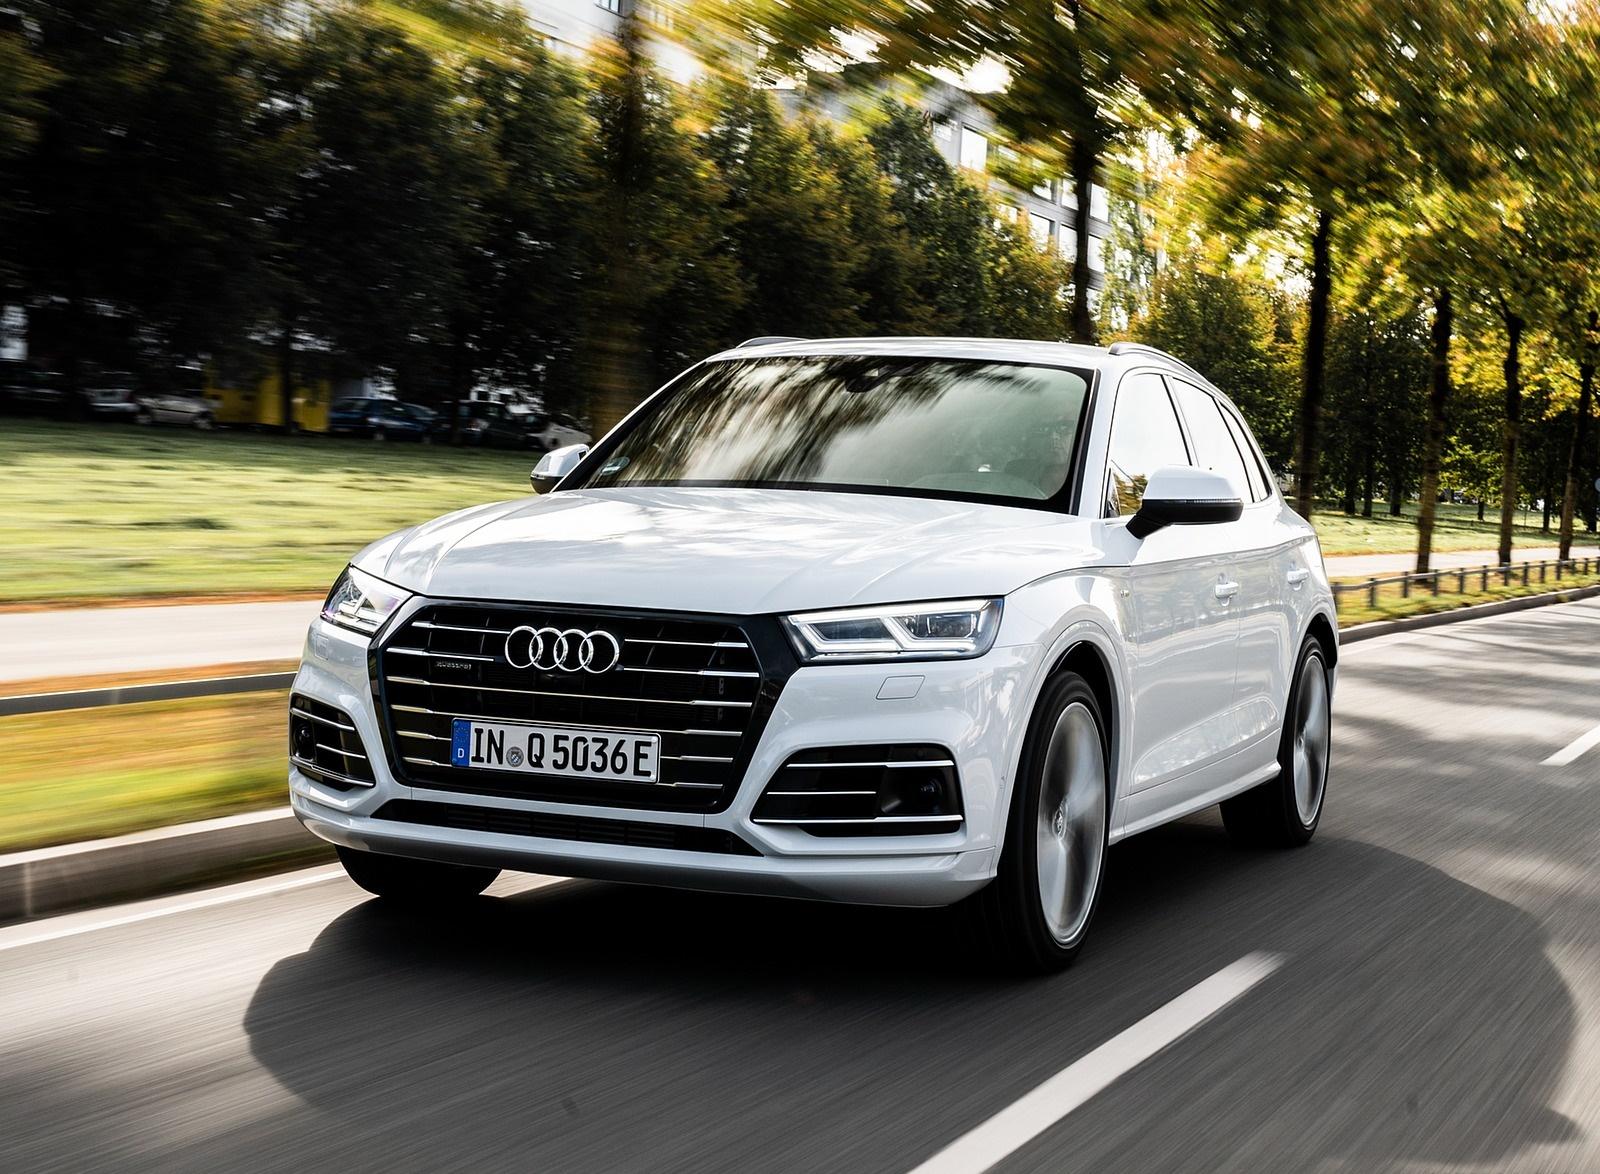 2020 Audi Q5 TFSI e Plug-In Hybrid (Color: Glacier White) Front Three-Quarter Wallpapers (5)